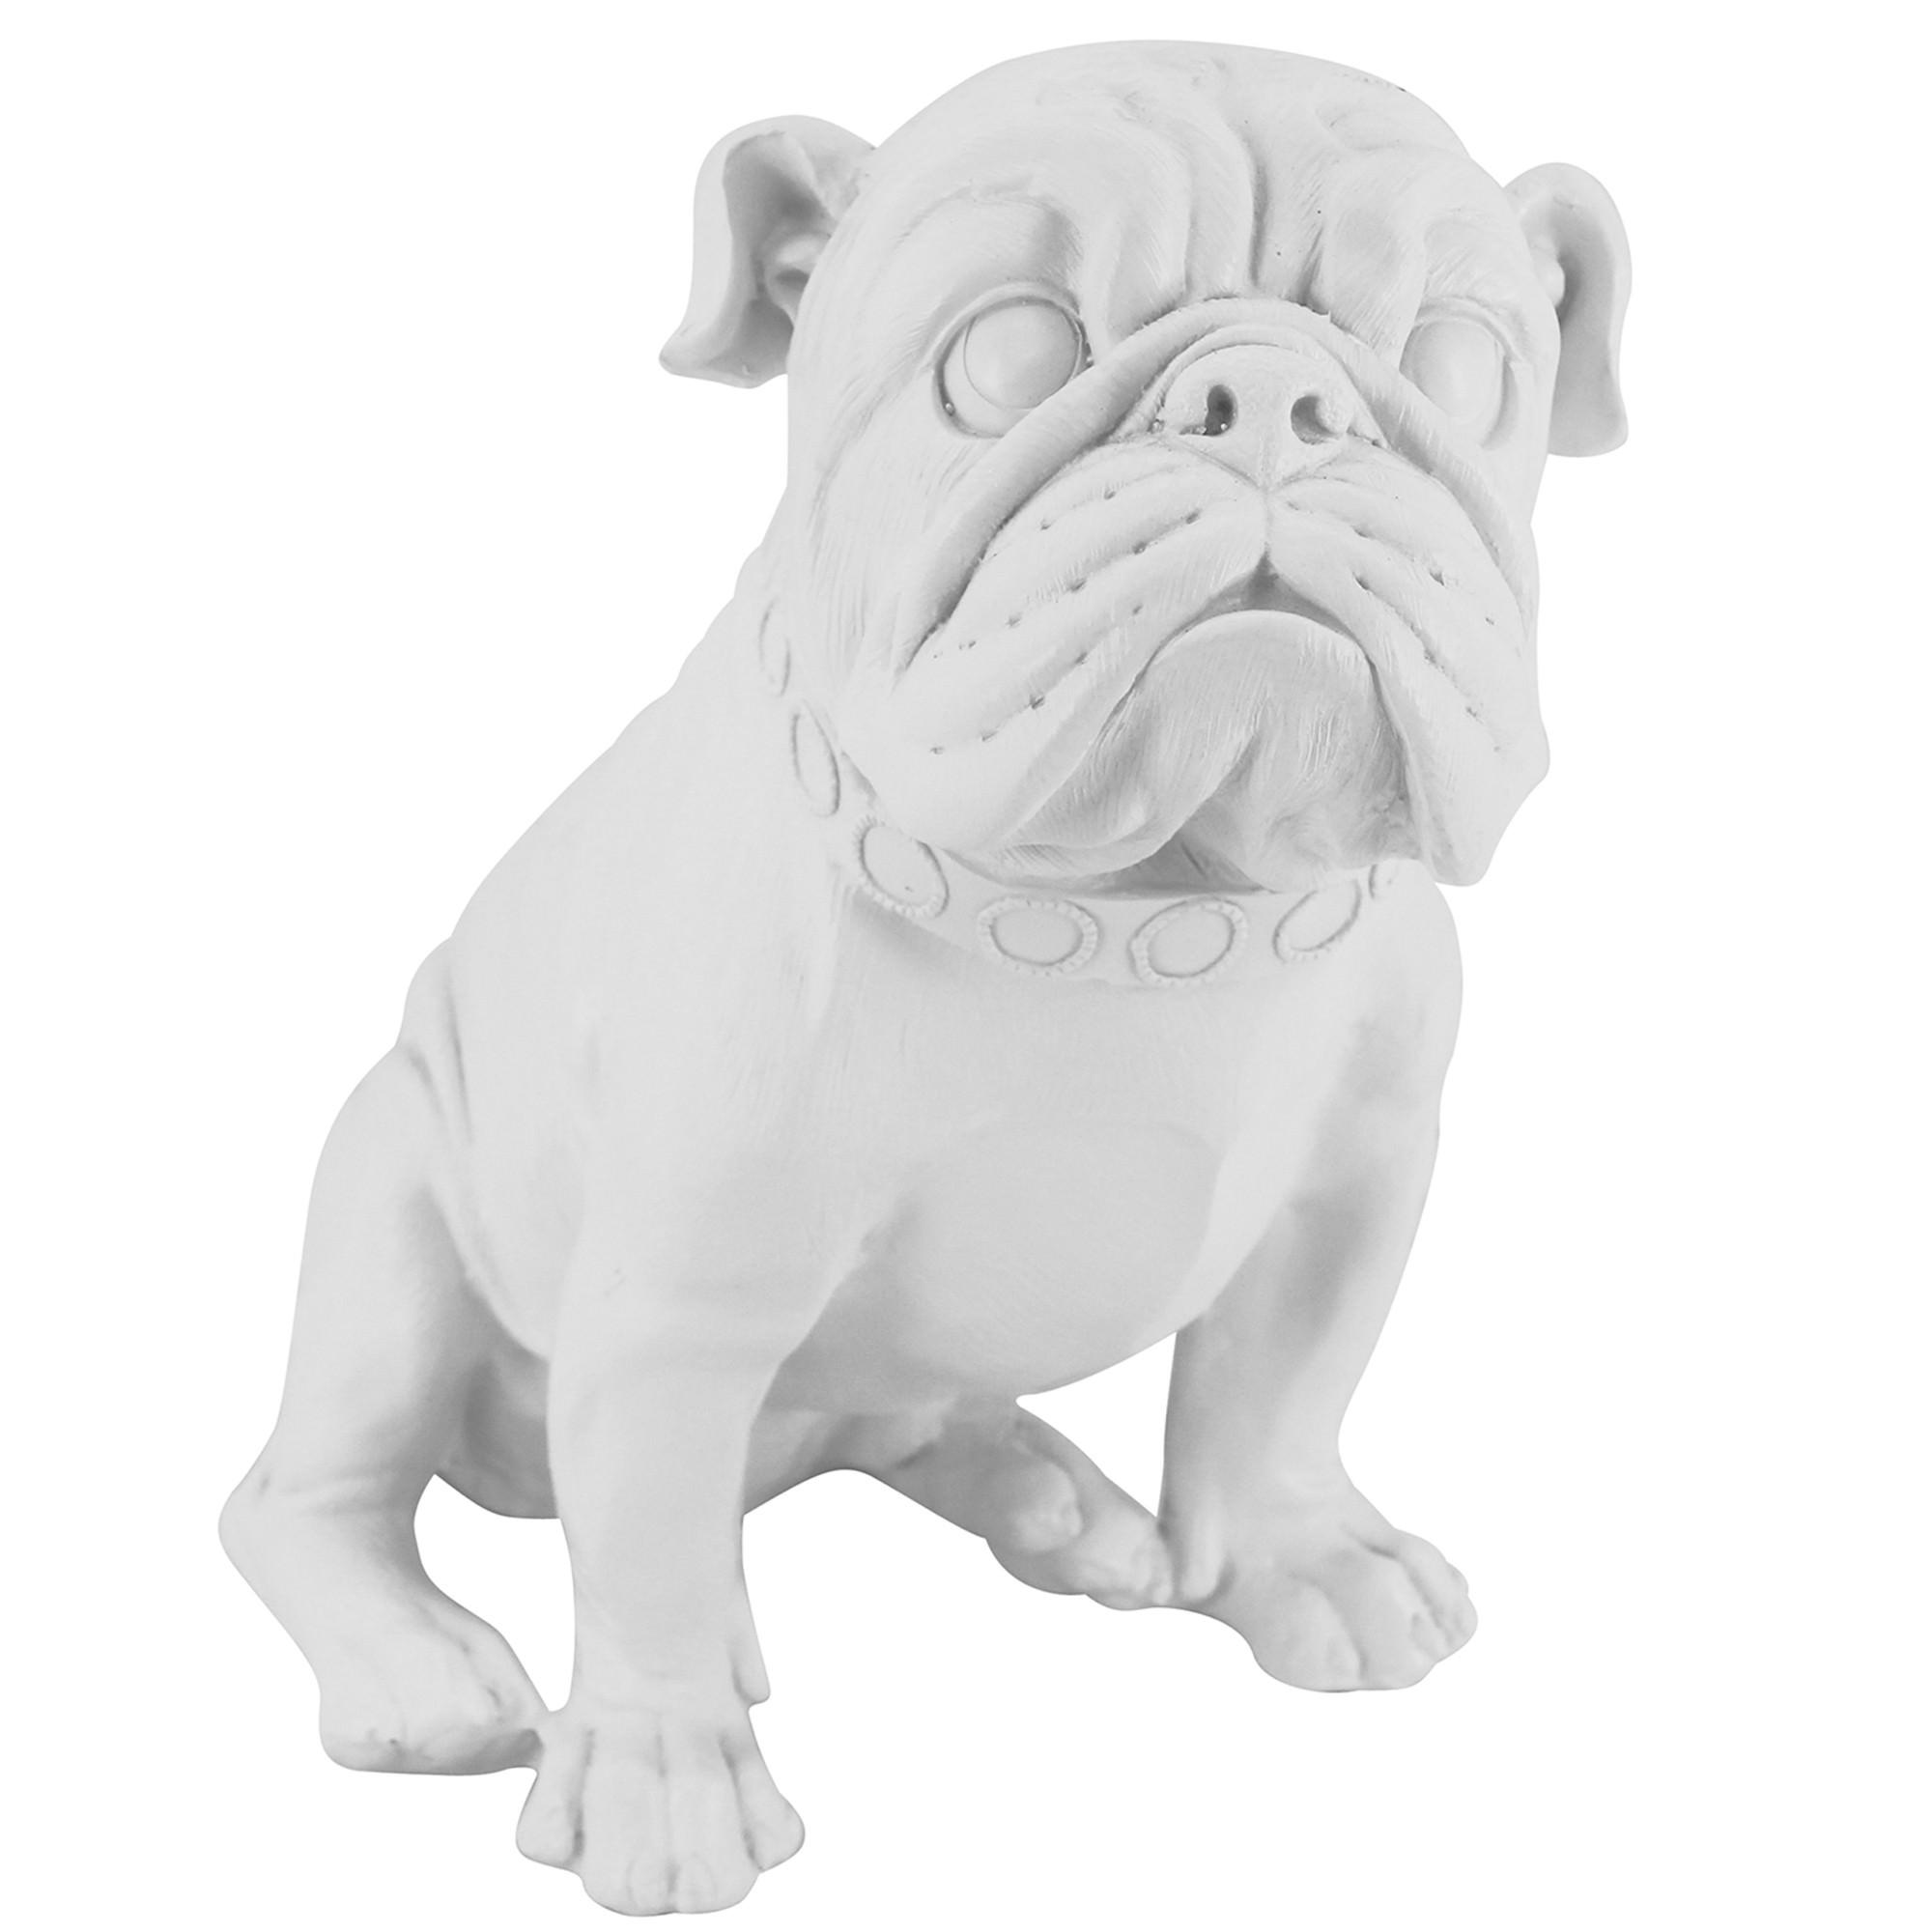 Charlie Bull Dog Scuplture